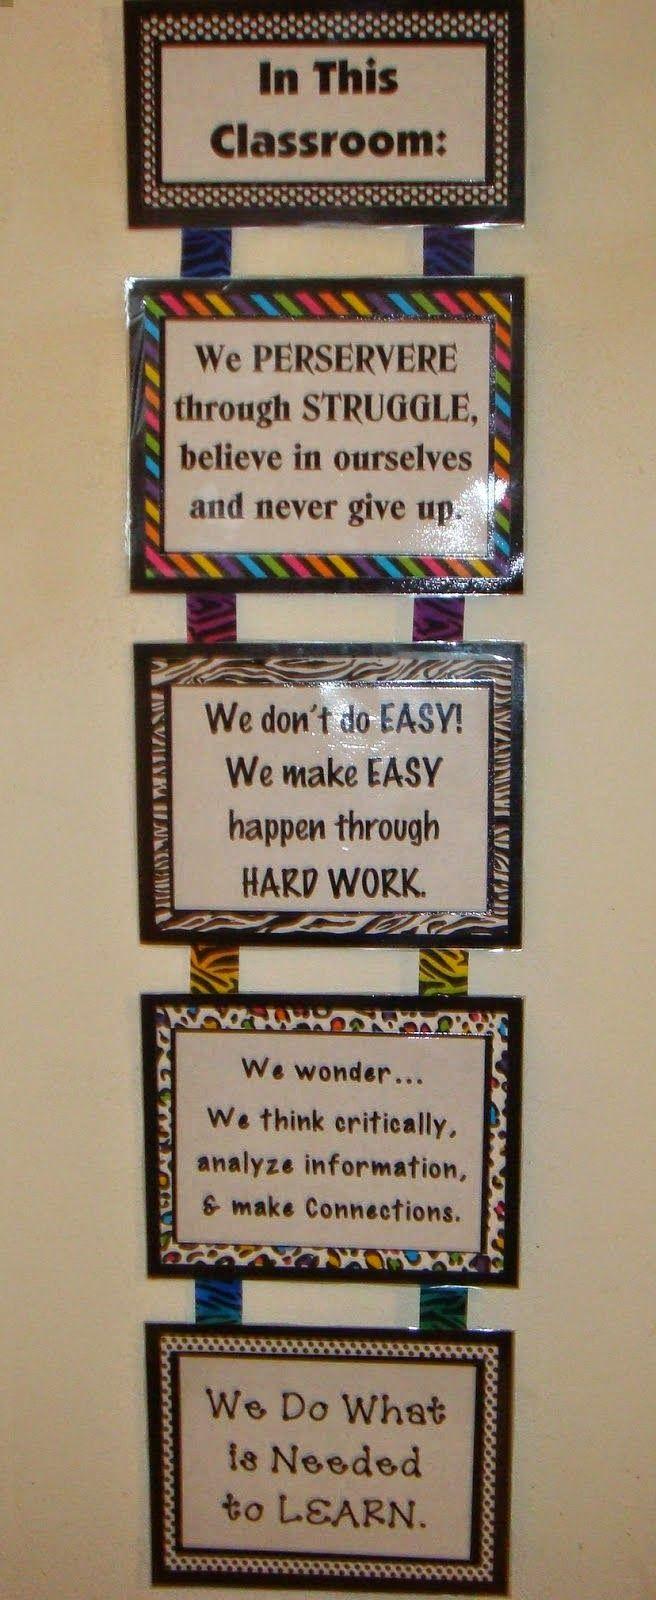 MRS. MCFADDEN'S CLASSROOM BLOG: Teaching Perseverance